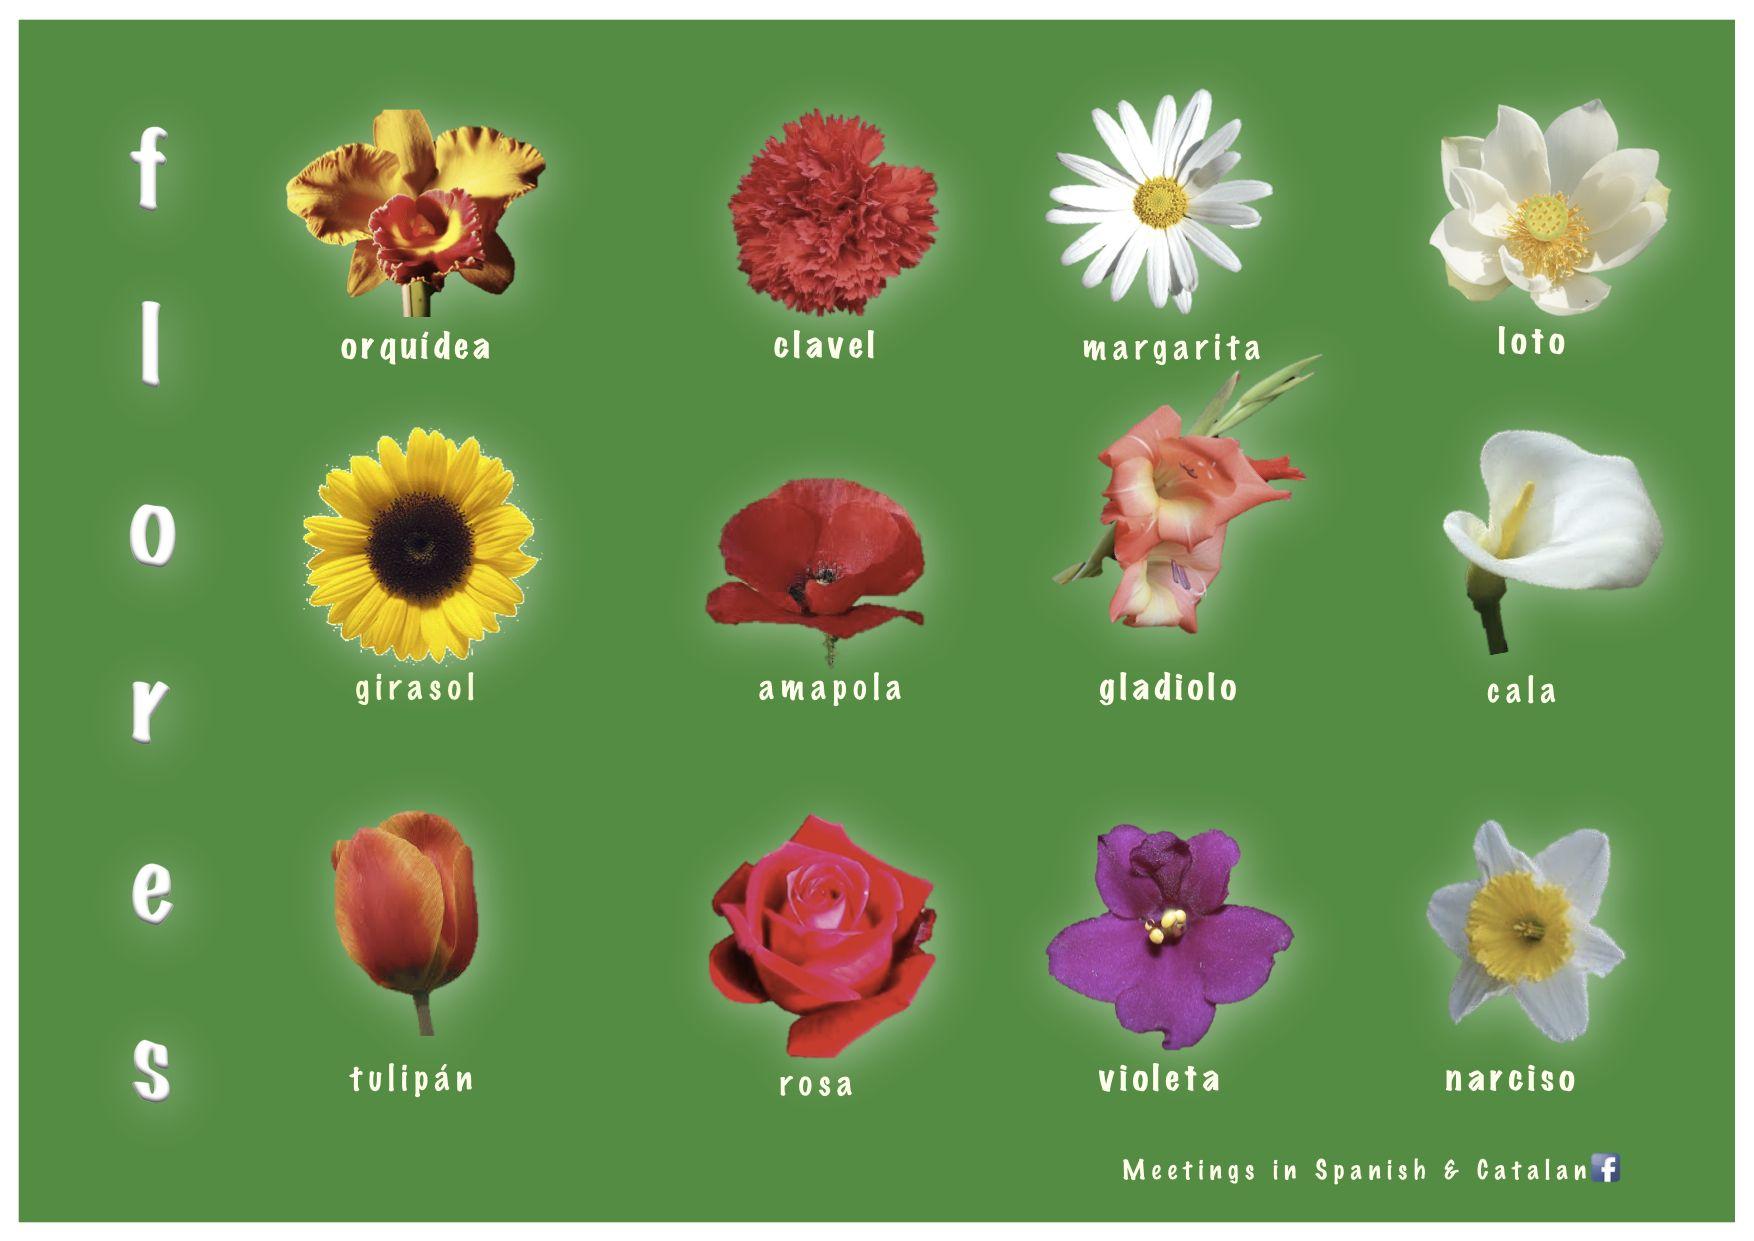 Flores flowers spanish vocabulary teaching spanish - Clase de flores y sus nombres ...